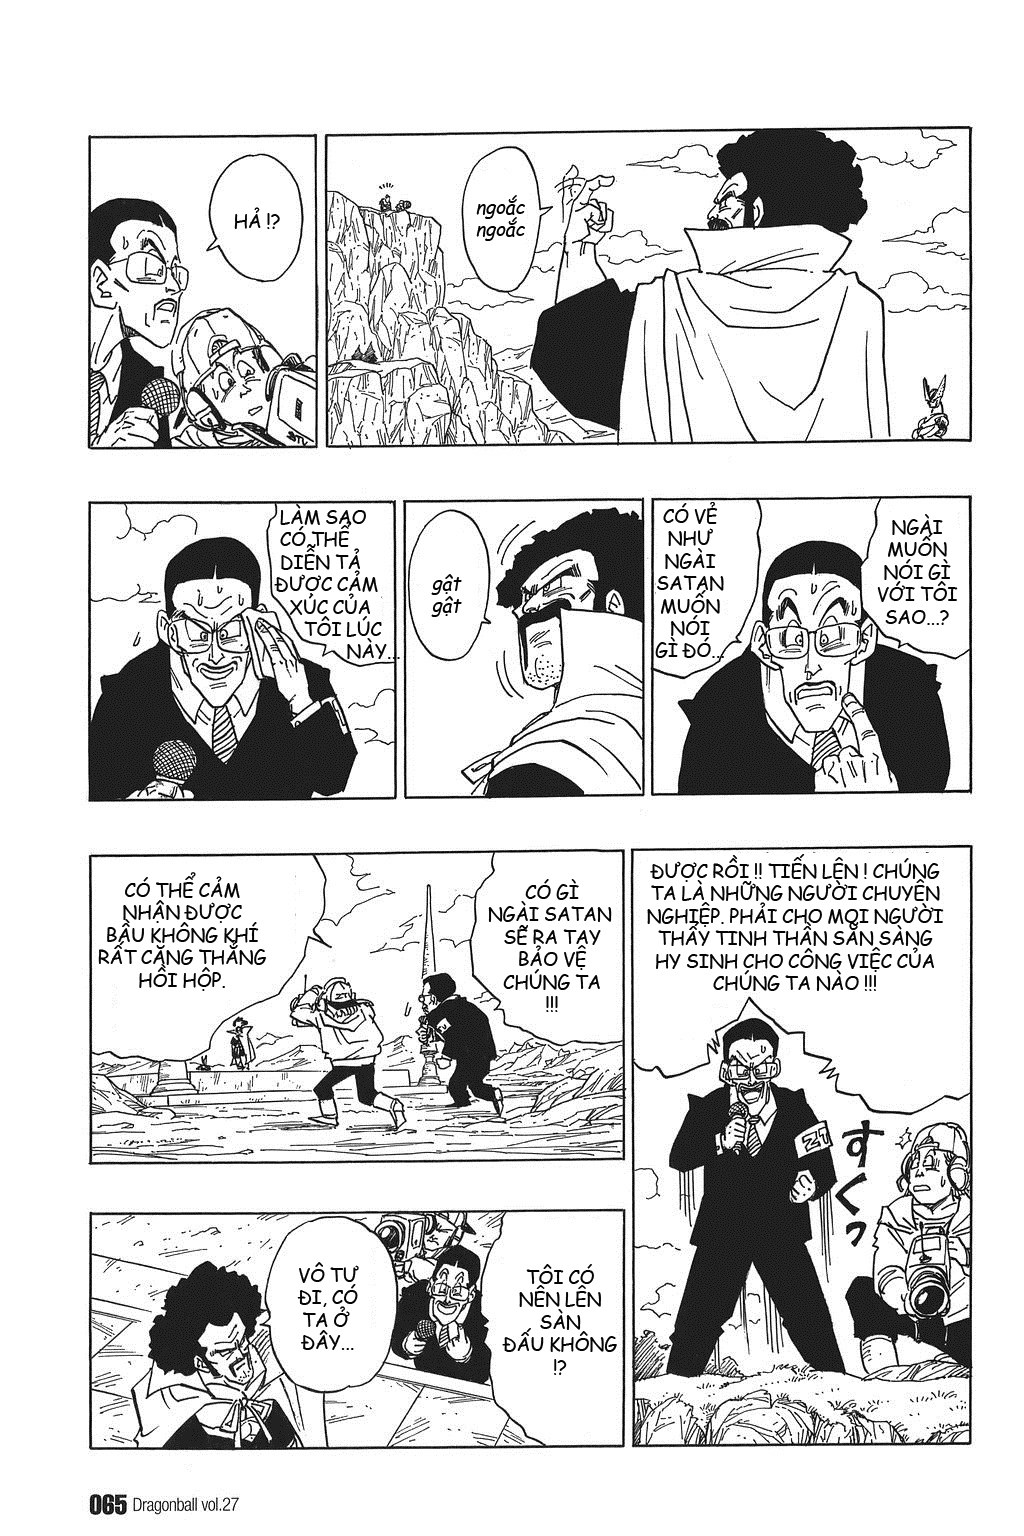 xem truyen moi - Dragon Ball Bản Vip - Bản Đẹp Nguyên Gốc Chap 395